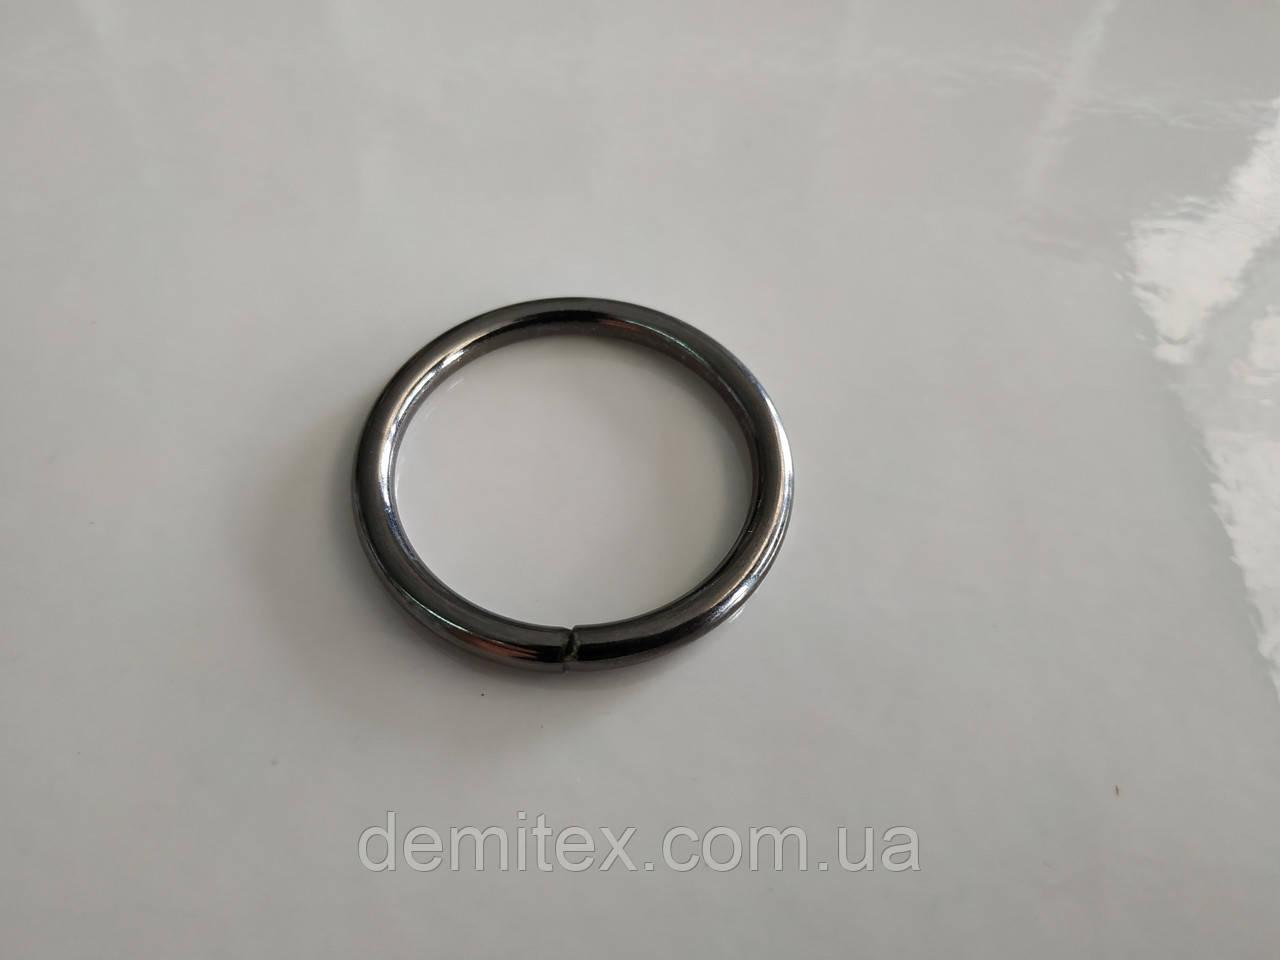 Кольцо черный никель 30х3.5мм